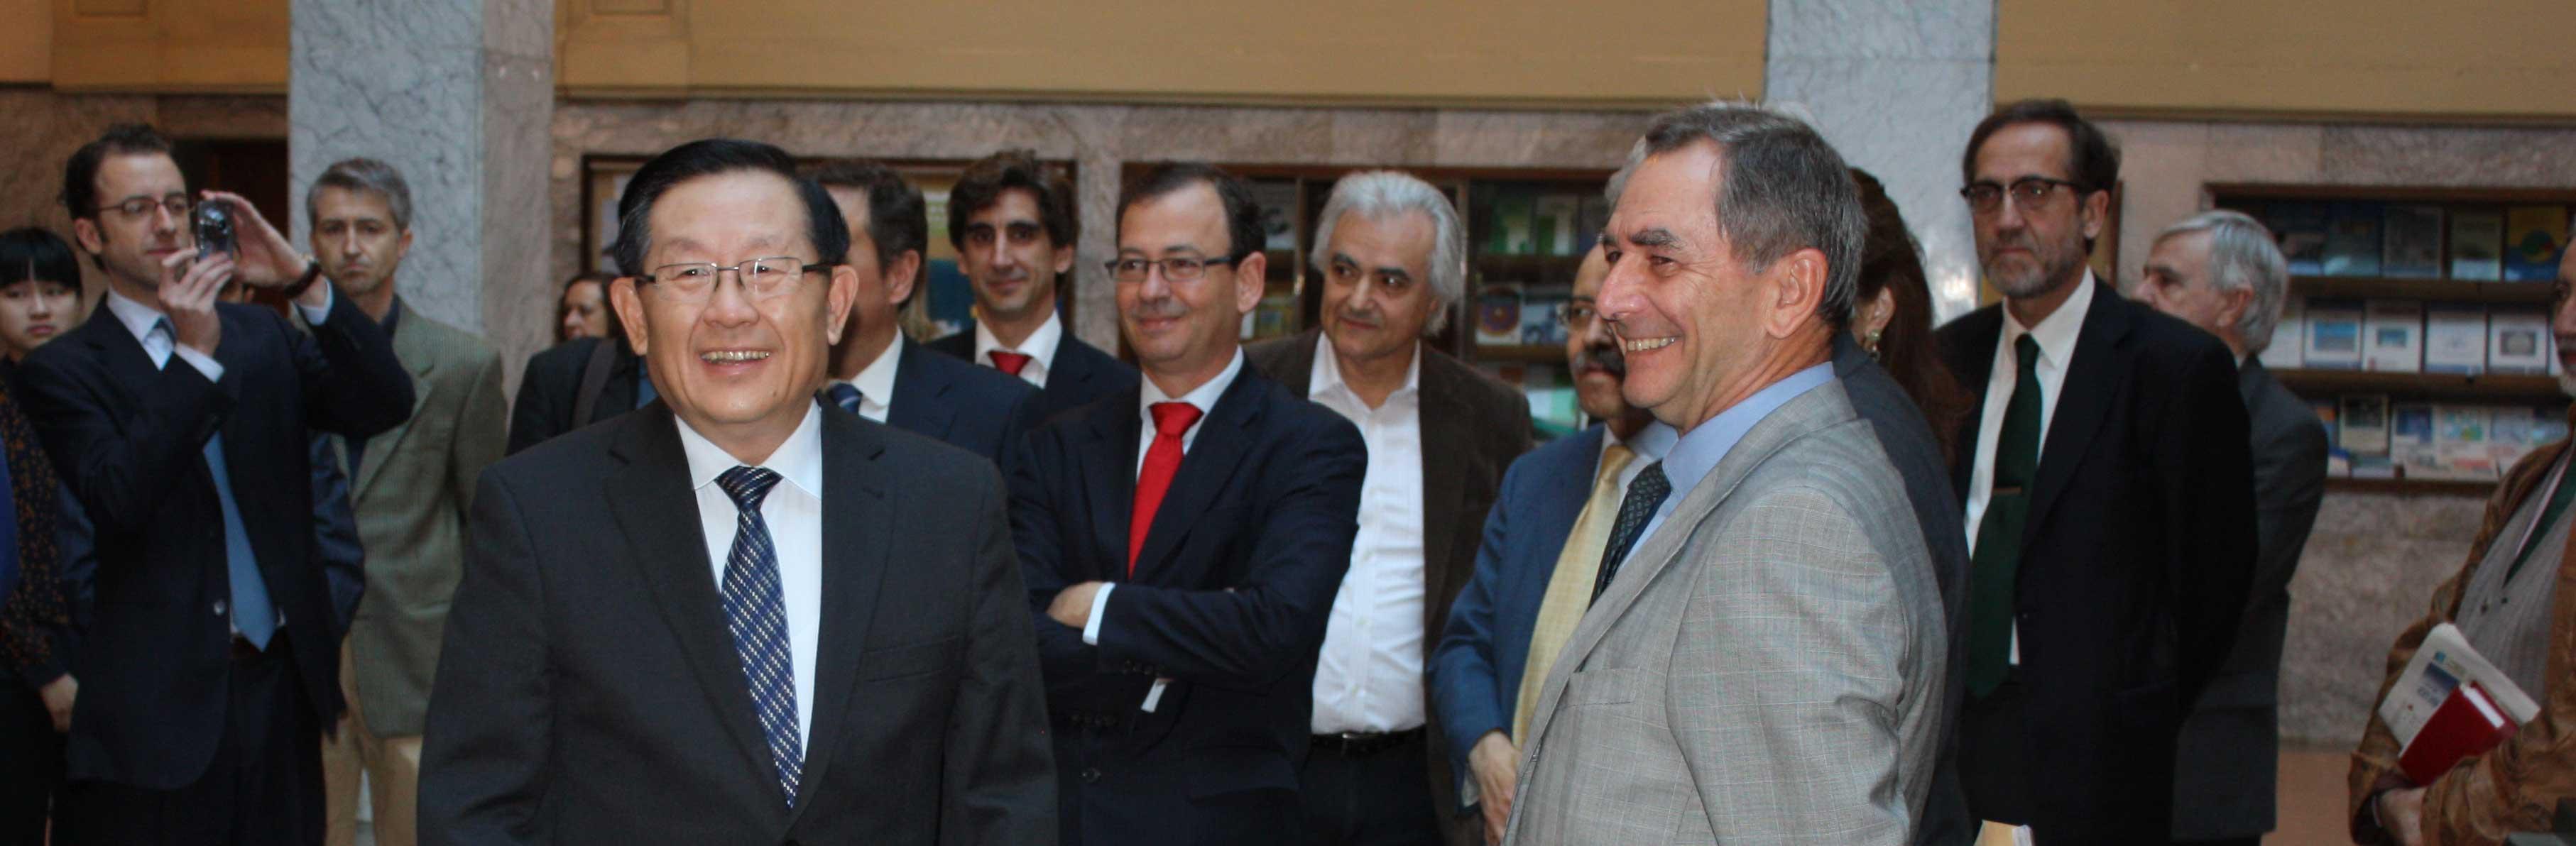 Imagen de la visita del ministro de ciencia y tecnología